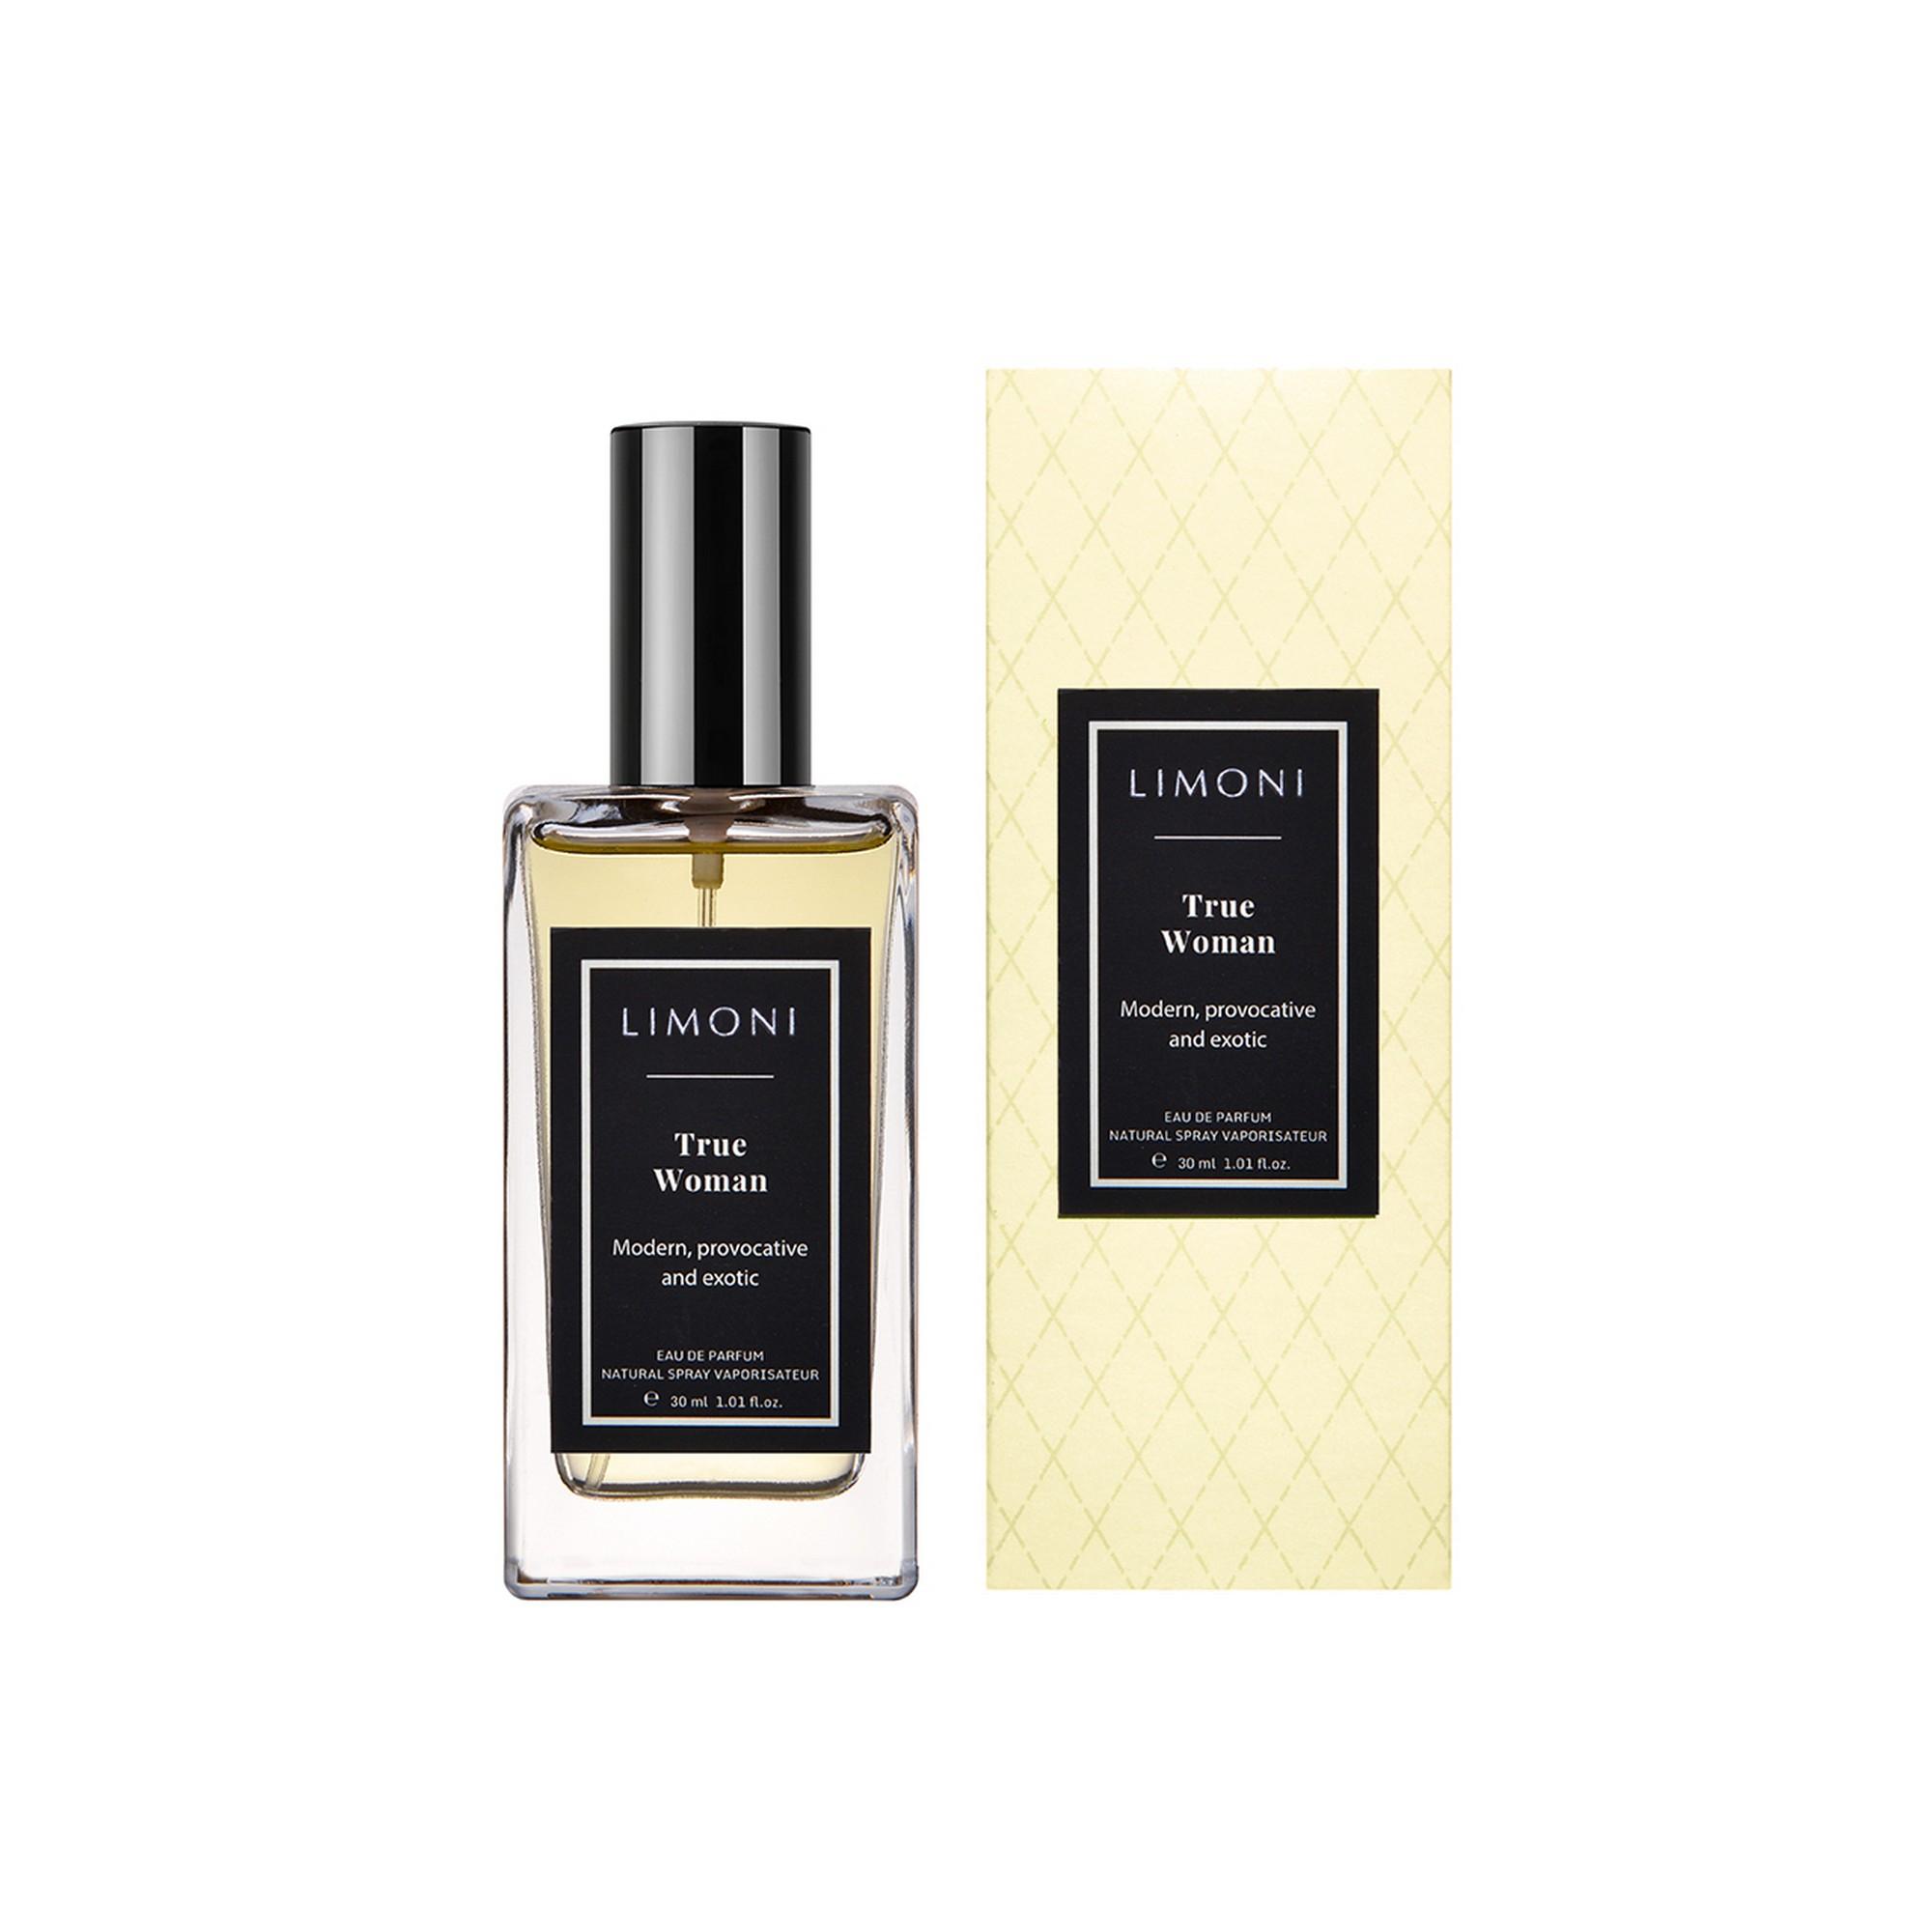 LIMONI Вода парфюмерная / True Woman Eau de Parfum 30 мл